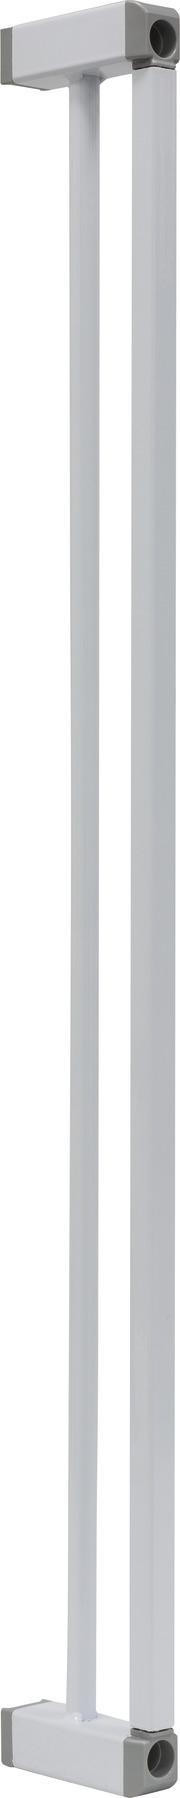 Treppengitter-Verlängerung JC9308 LOU